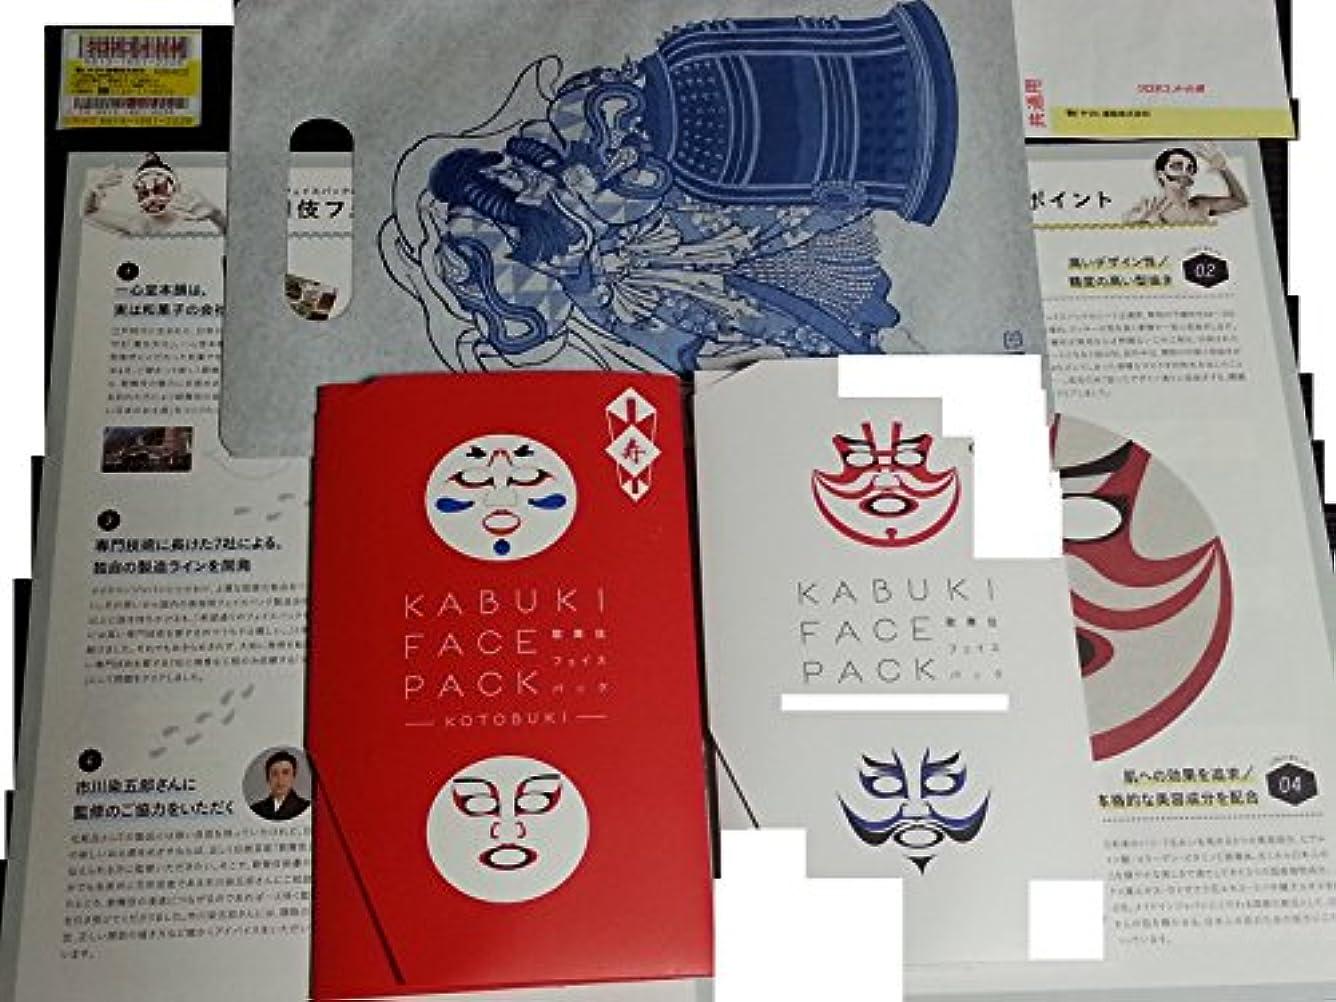 収益監督する緩める歌舞伎フェイスパック セット  KABUKI FACE PACK -ISESHIMA- & -KOTOBUKI- (伊勢志摩&寿)全2点セット